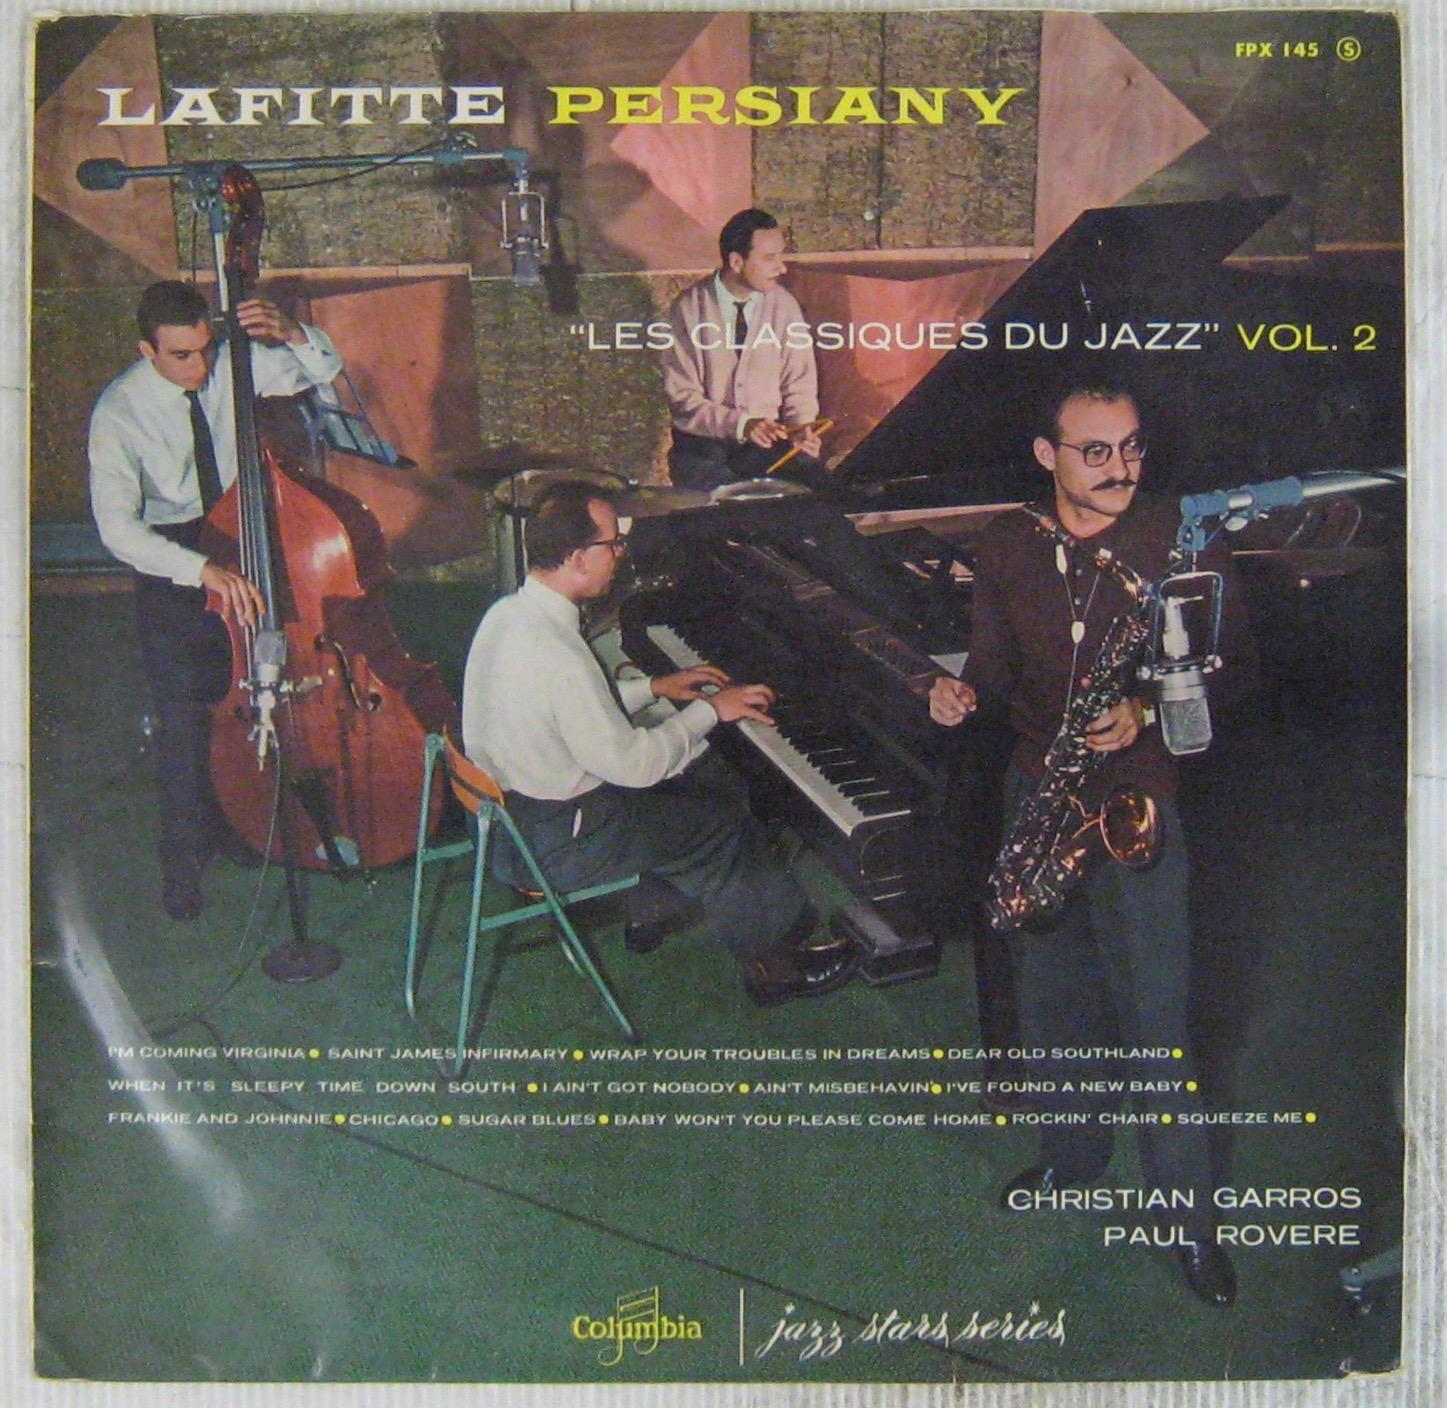 LAFITTE GUY/PERSIANY ANDRÉ - Les classiques du jazz Volume 2 - LP